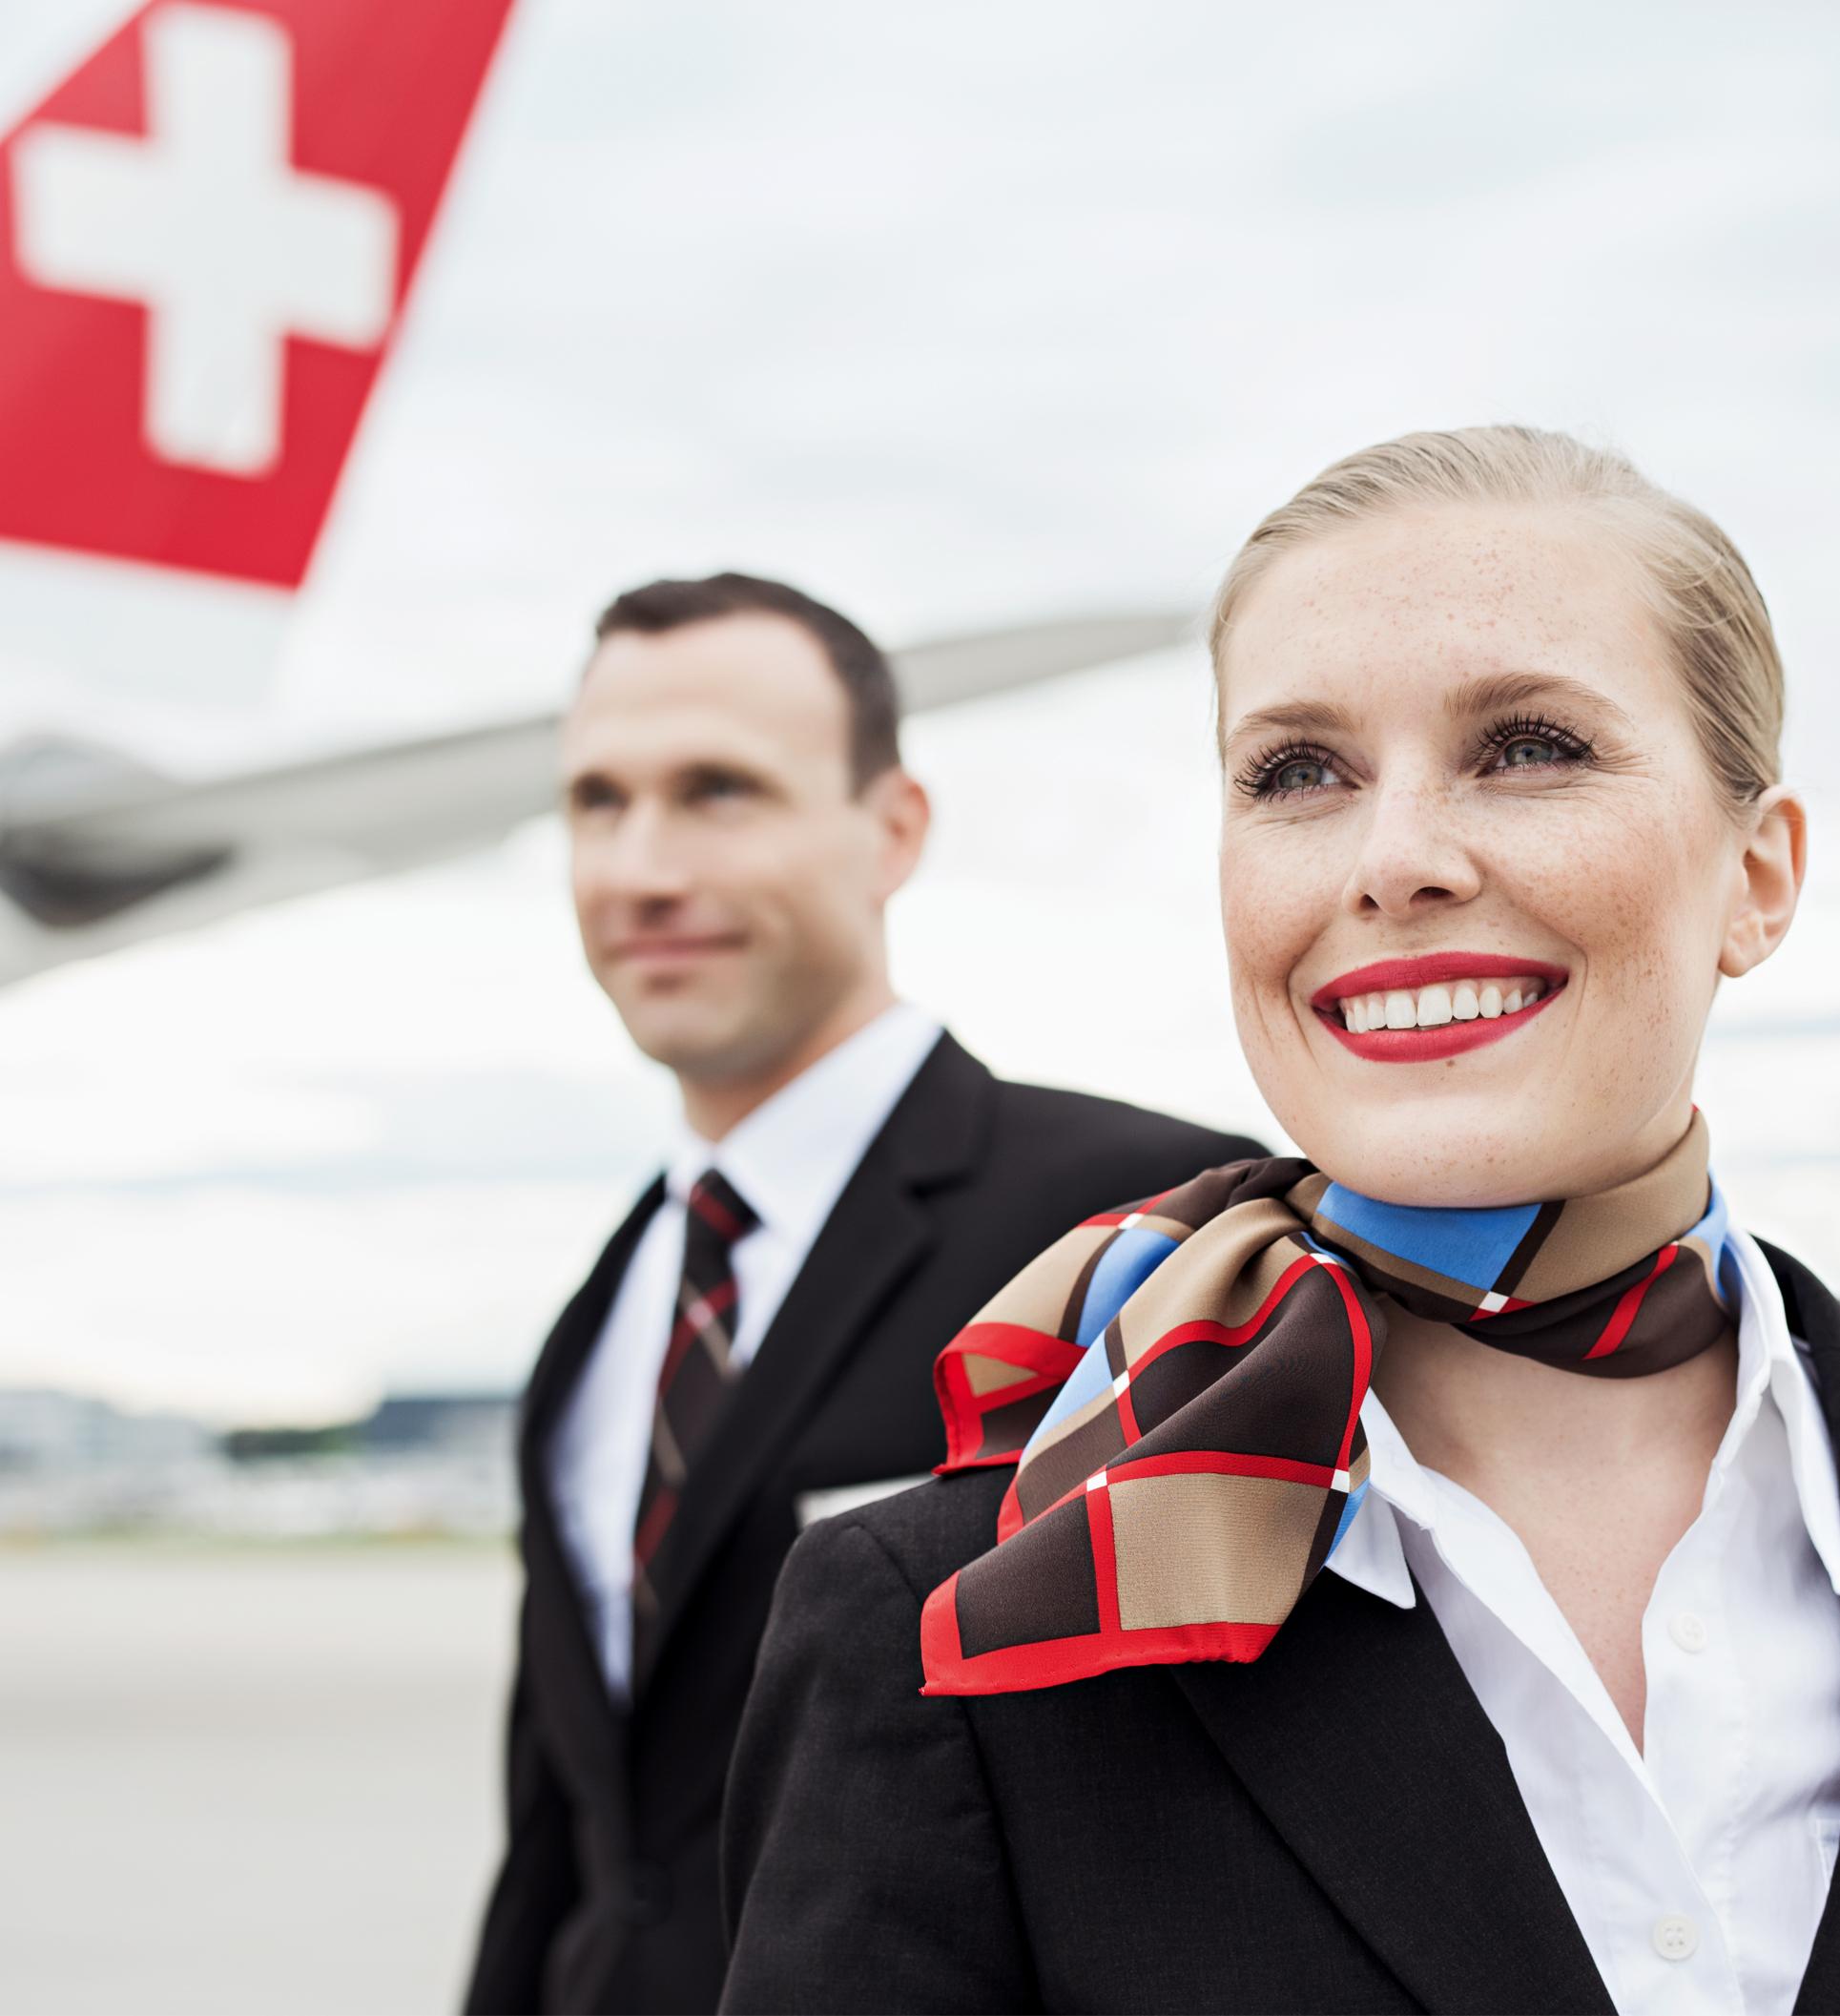 Le groupe allemand et en particulier les compagnies aériennes Lufthansa et Swiss International Air Lines ainsi que la maintenance chez Lufthansa Technik ouvriront en 2019 quelques 5500 postes en Allemagne, en Autriche, en Suisse et en Belgique. - Lufthansa